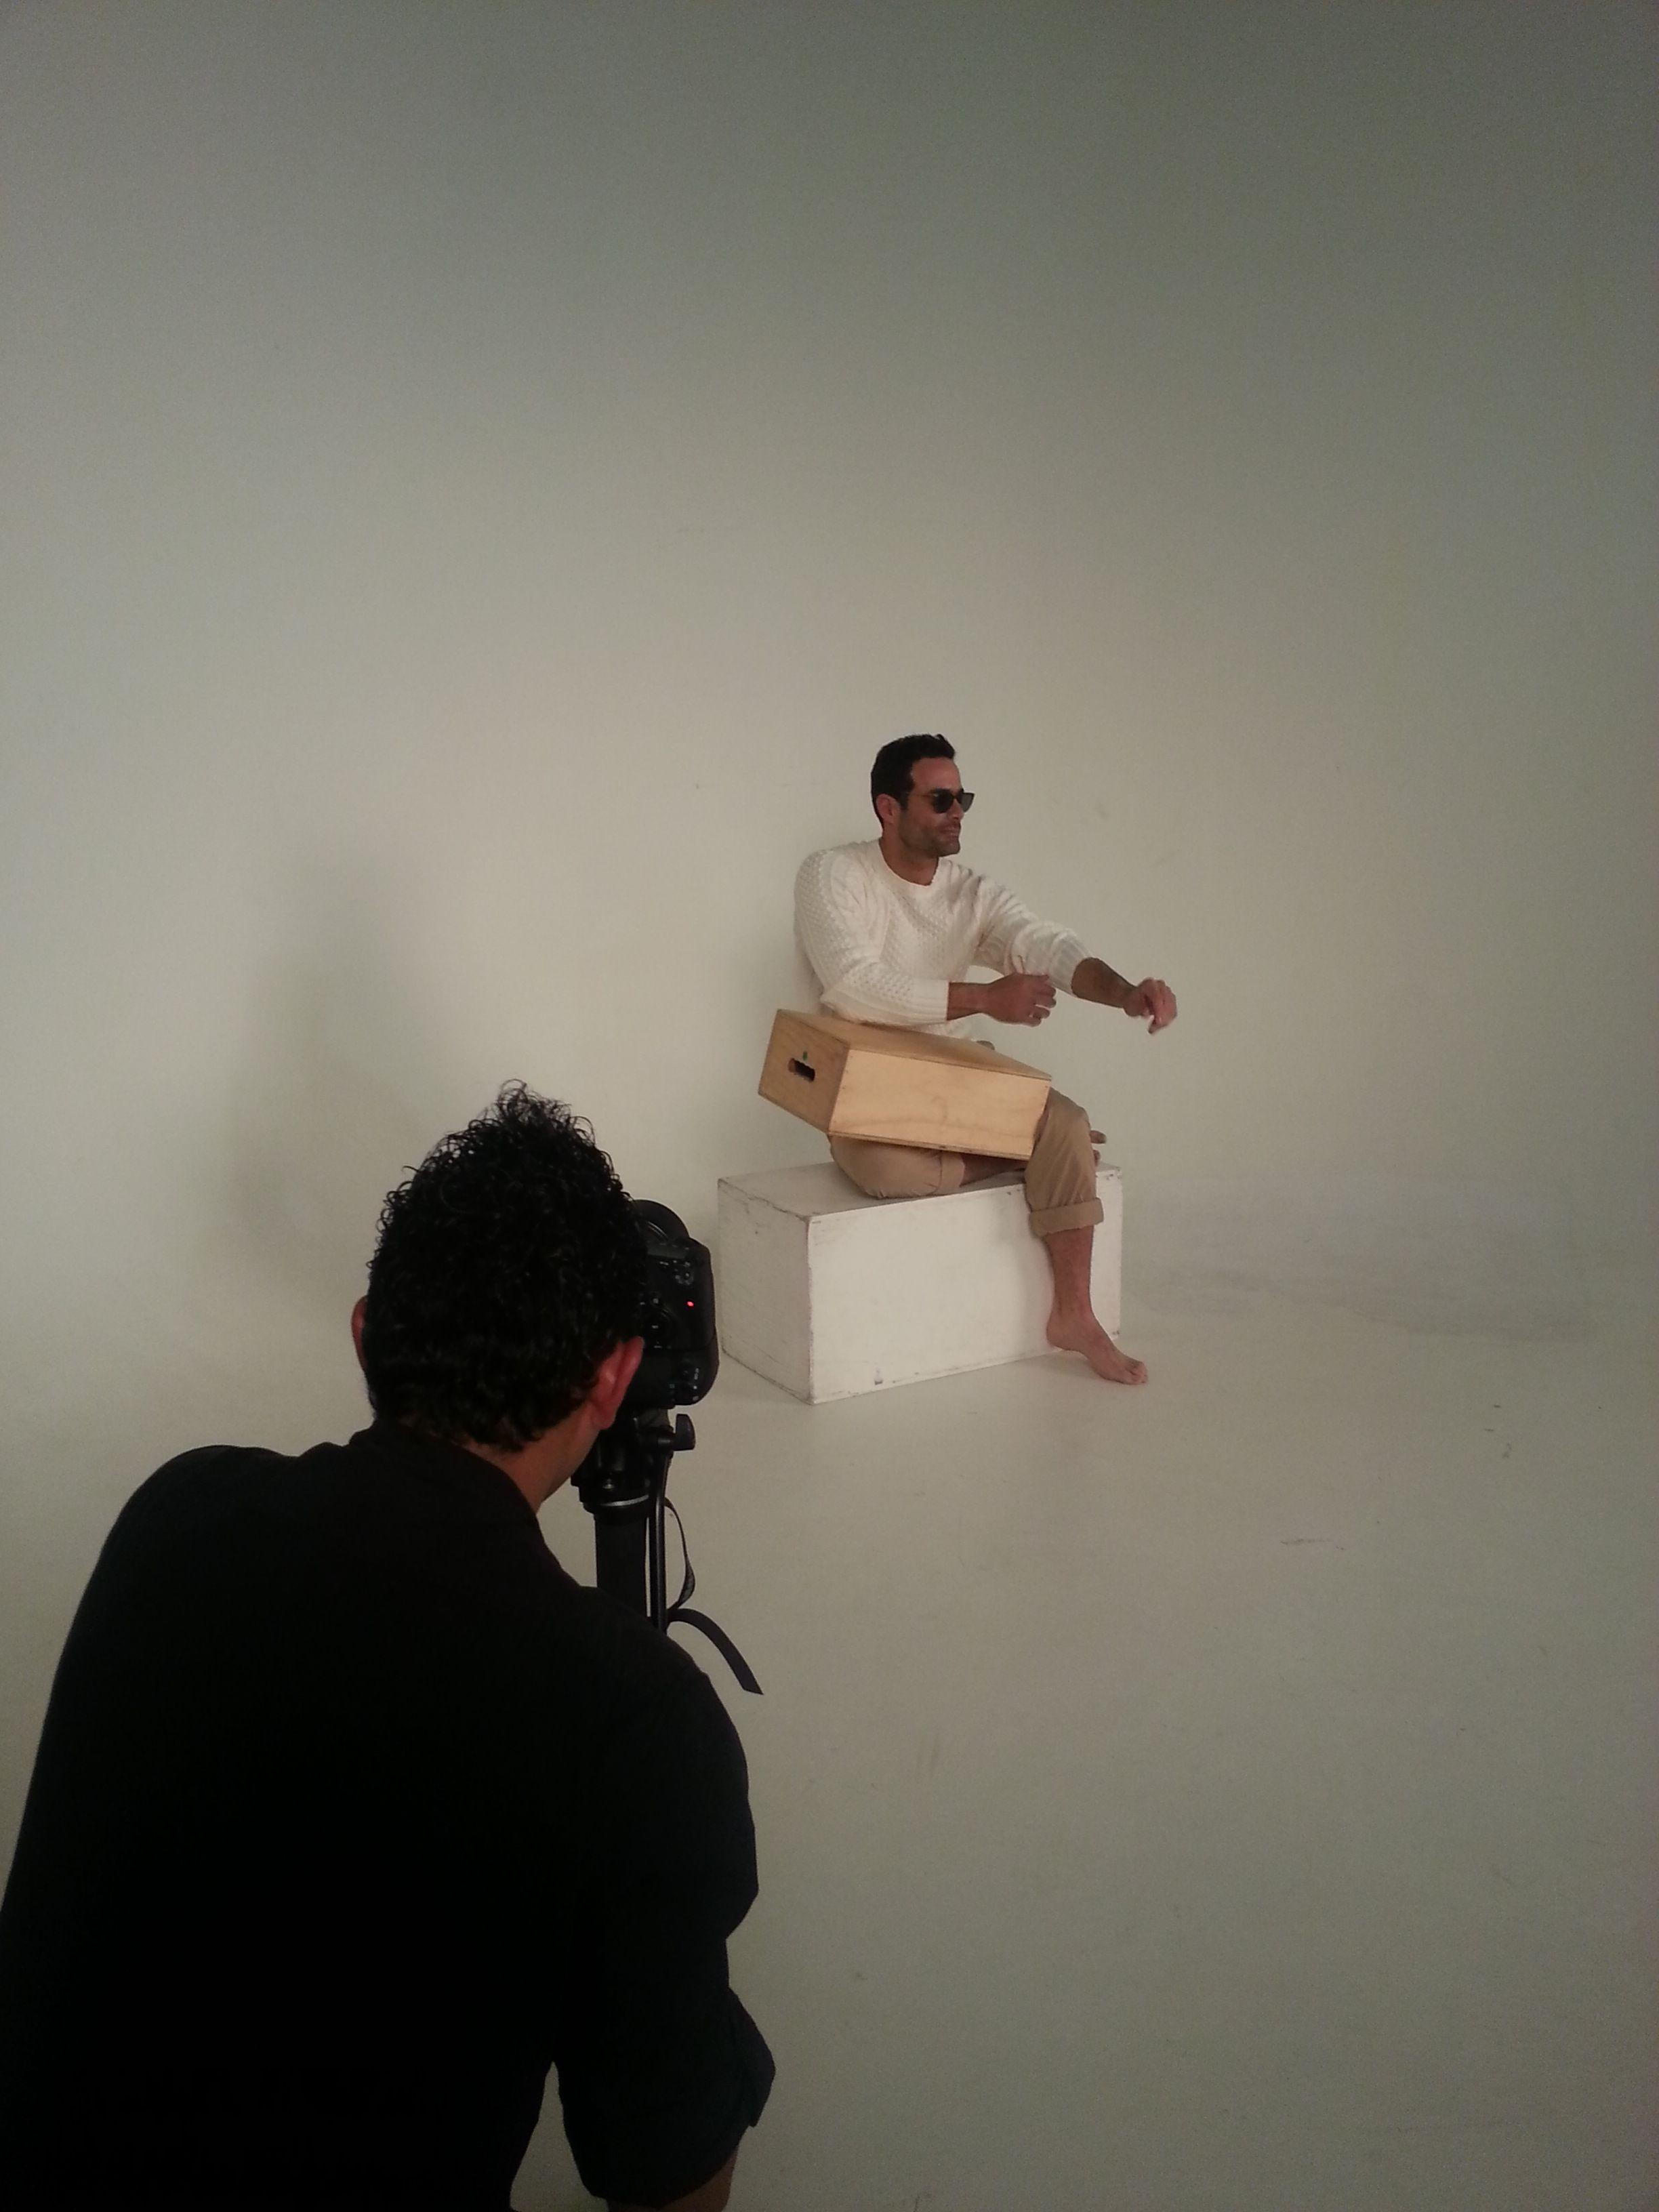 Hasta descanso vimos a Luis Roberto Guzmán durante las fotos, nos encantó con cuanta naturalidad se desenvolvió en las fotos. #InStyleBackstage #InStyleMan #InStyleAgosto #2014